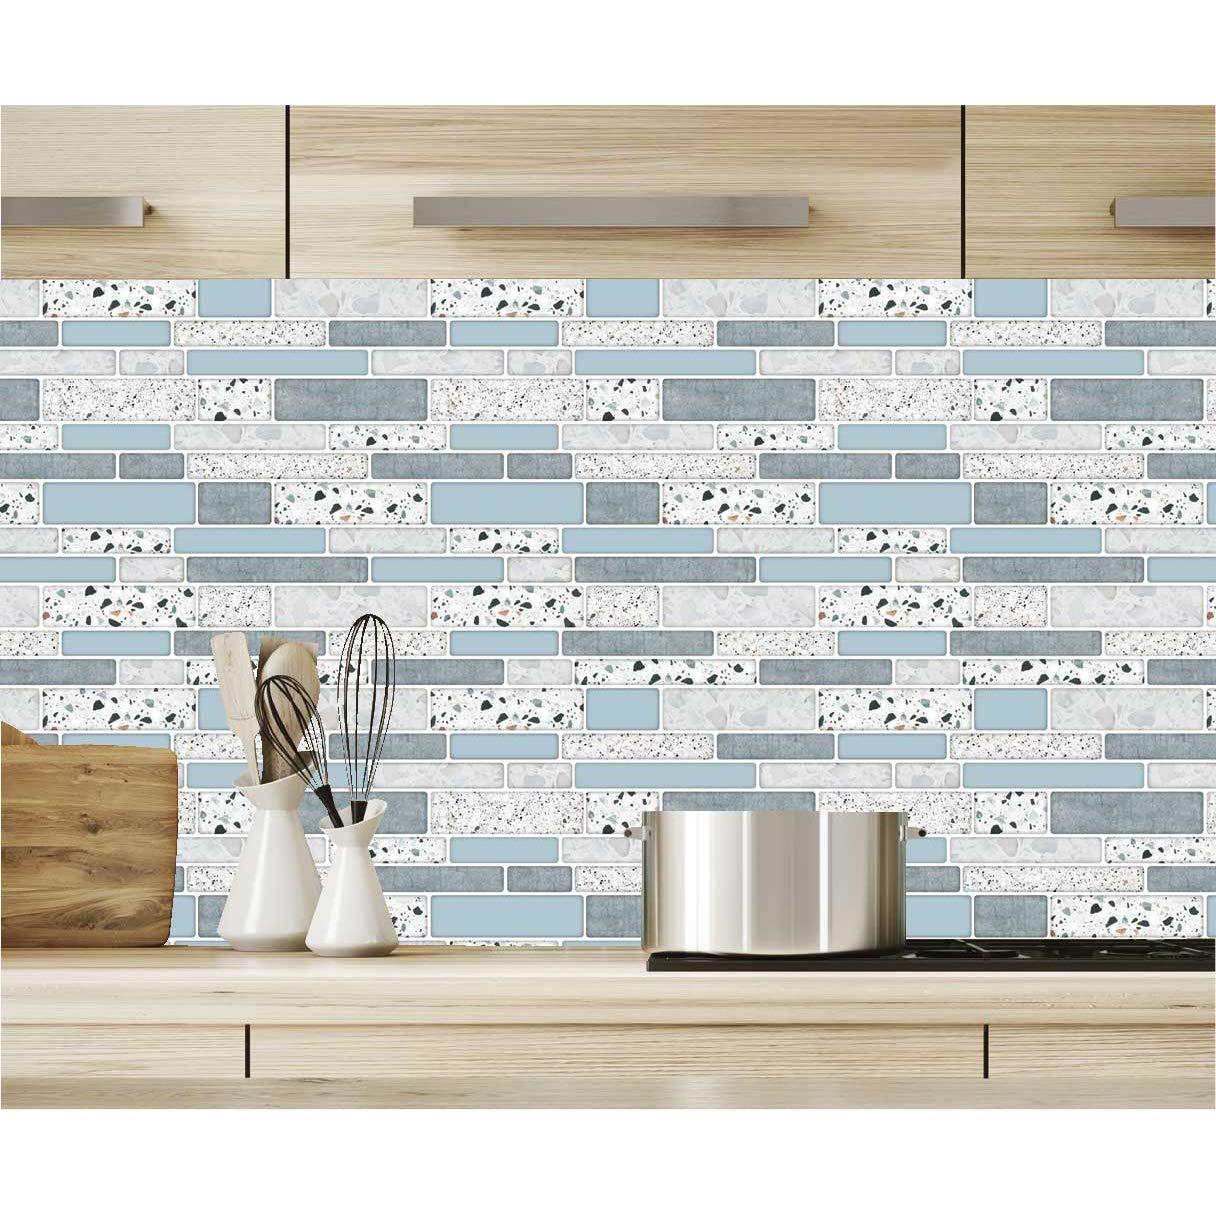 a17020 10 sheet peel and stick backsplash tile for kitchen in stone design